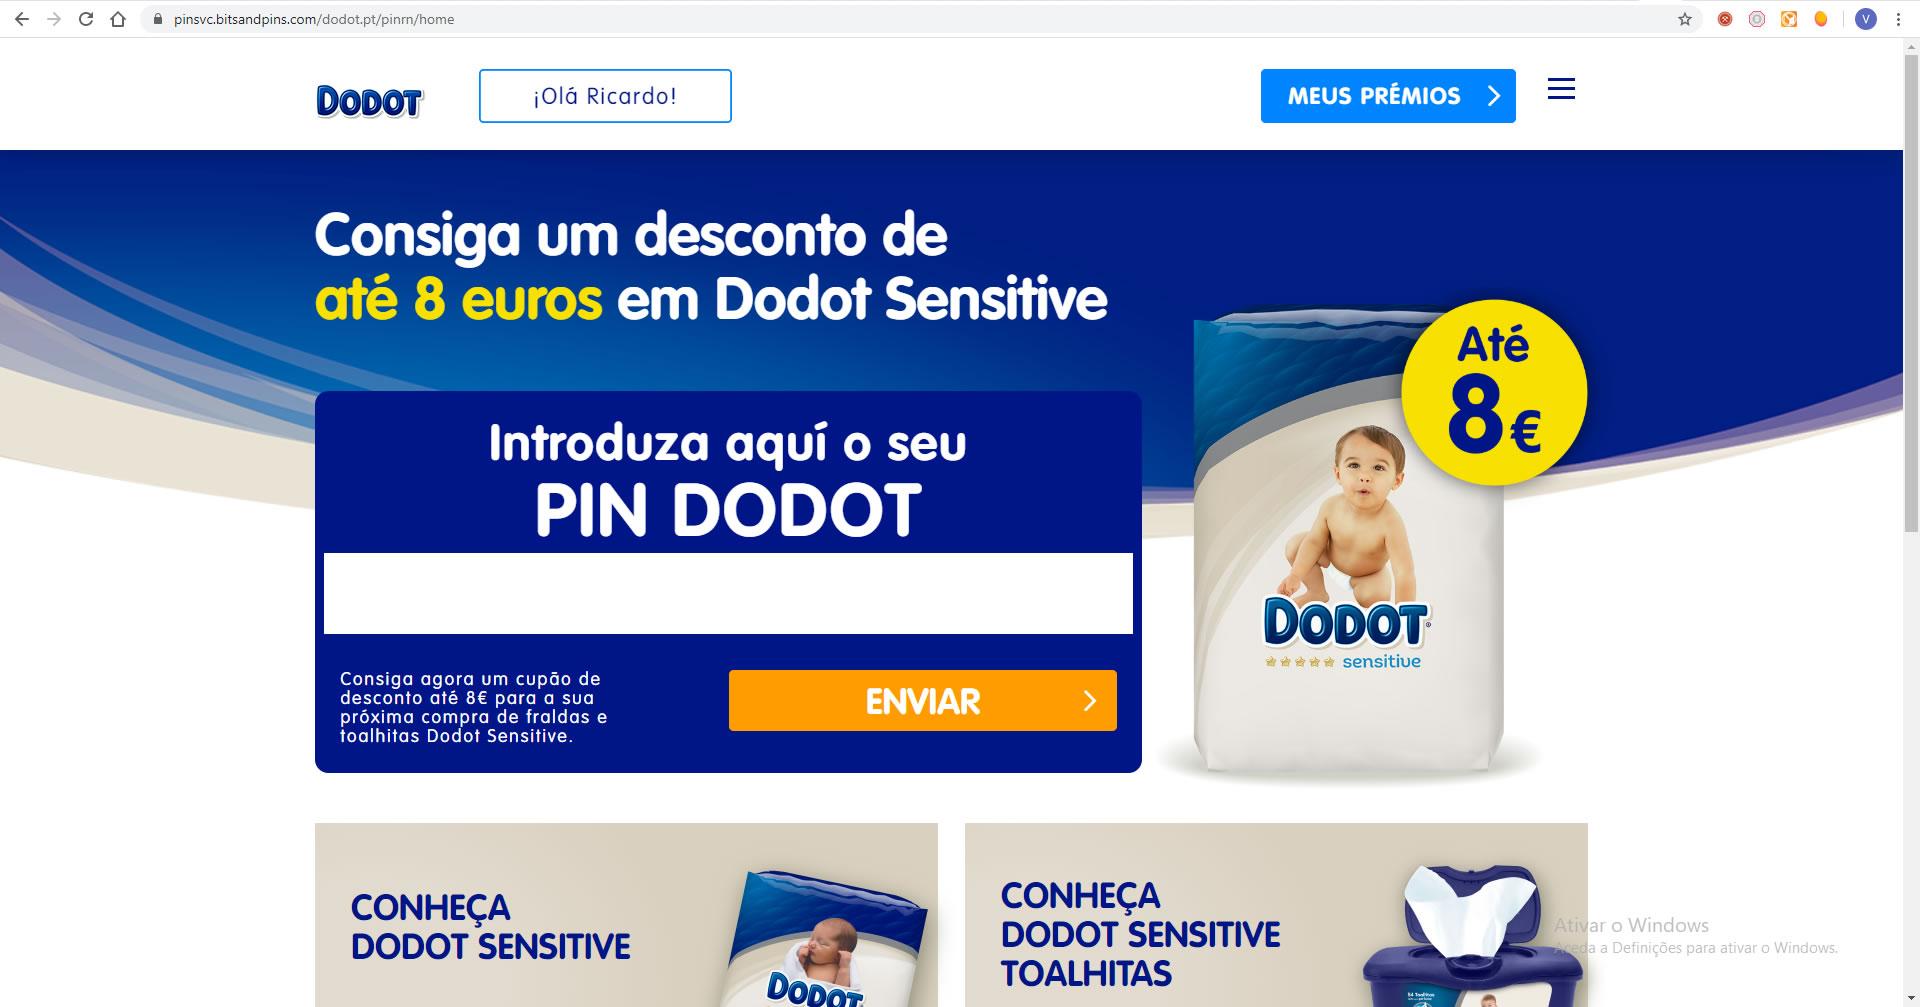 Oferta voucher fraldas Dodot até 8 euros